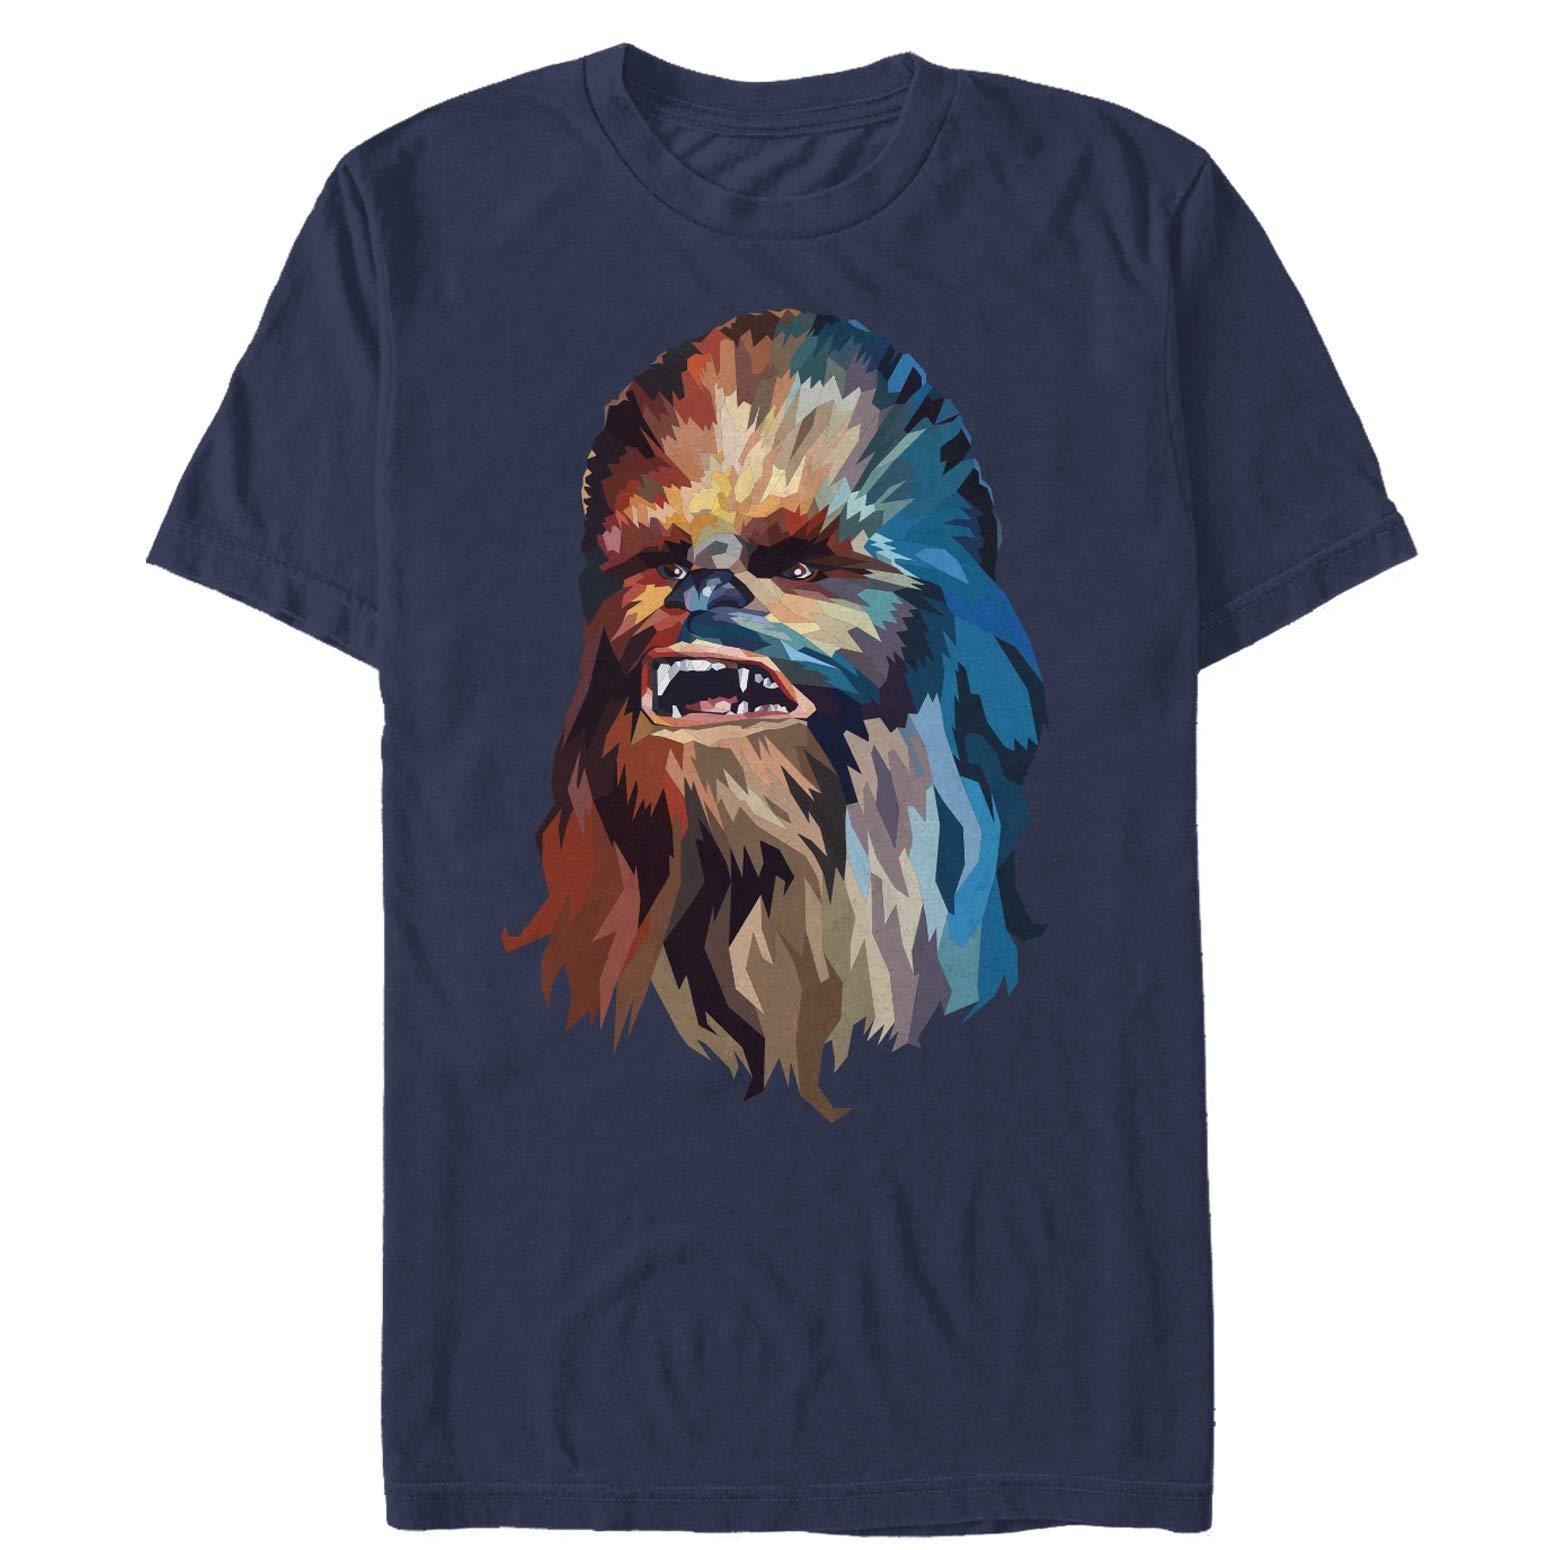 Chewbacca Art T Shirt 8324